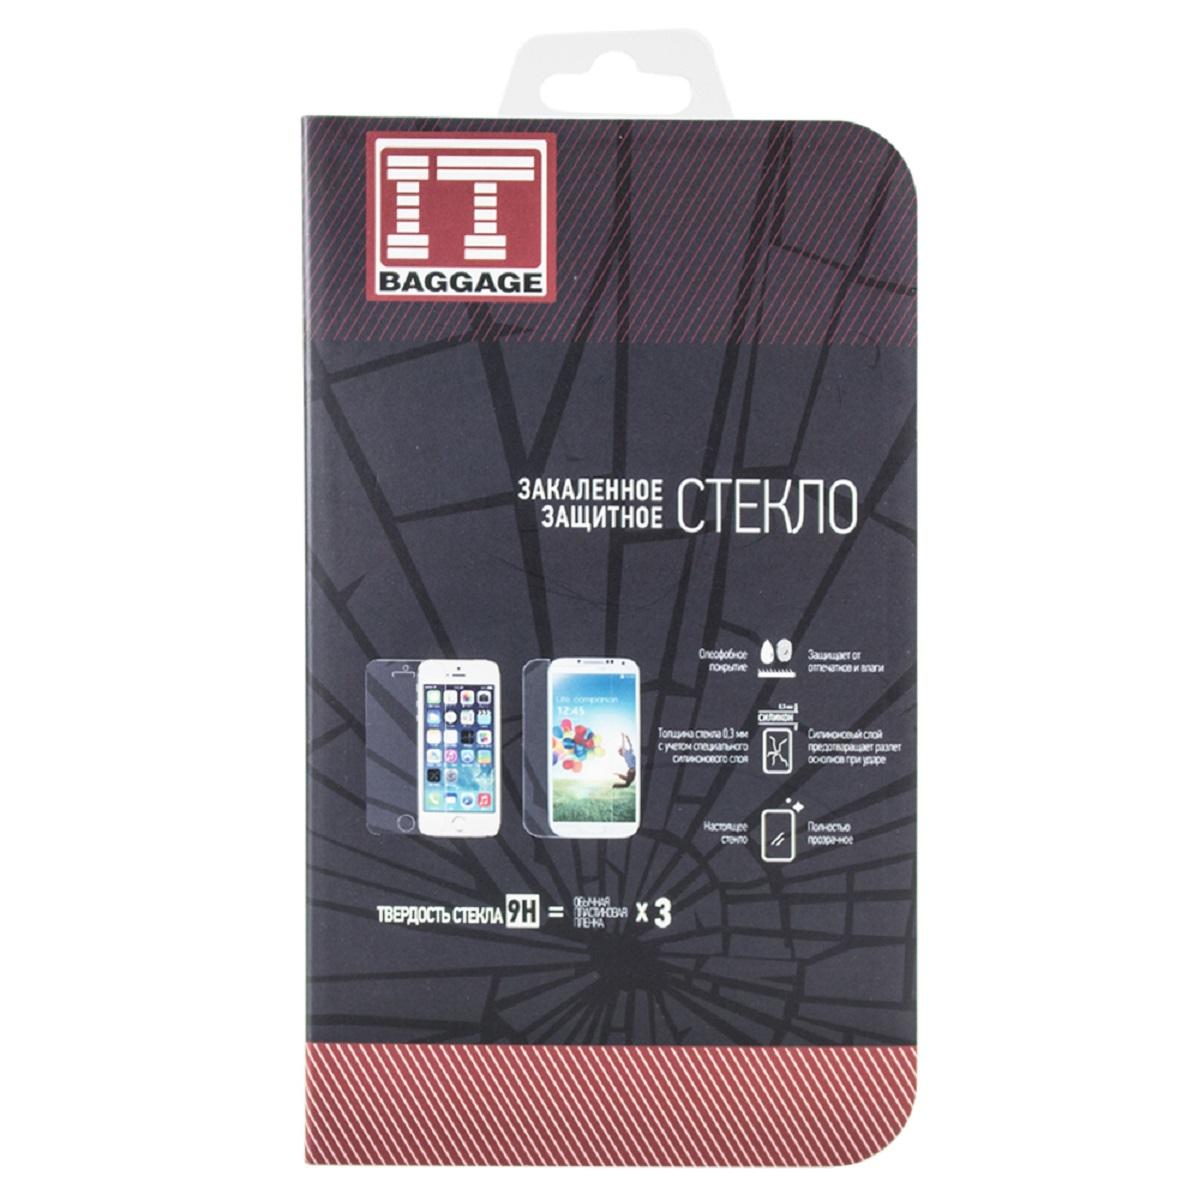 IT Baggage защитное стекло для Meizu M3 NoteITMZM3GЗакаленное стекло IT Baggage для Meizu M3 Note - это самый верный способ защитить экран от повреждений и загрязнений. Обладает высочайшим уровнем прозрачности и совершенно не влияет на отклик экранного сенсора и качество изображения. Препятствует появлению отпечатков и пятен. Удалить следы жира и косметики с поверхности аксессуара не составить ни какого труда. Характеристики защитного стекла делают его износостойким к таким механическим повреждениям, как царапины, сколы, потертости. При сильном ударе разбившееся стекло не разлетается на осколки, предохраняя вас от порезов, а экран устройства от повреждений. После снятия защитного стекла с поверхности дисплея, на нем не остаются повреждения, такие как потертости и царапины.